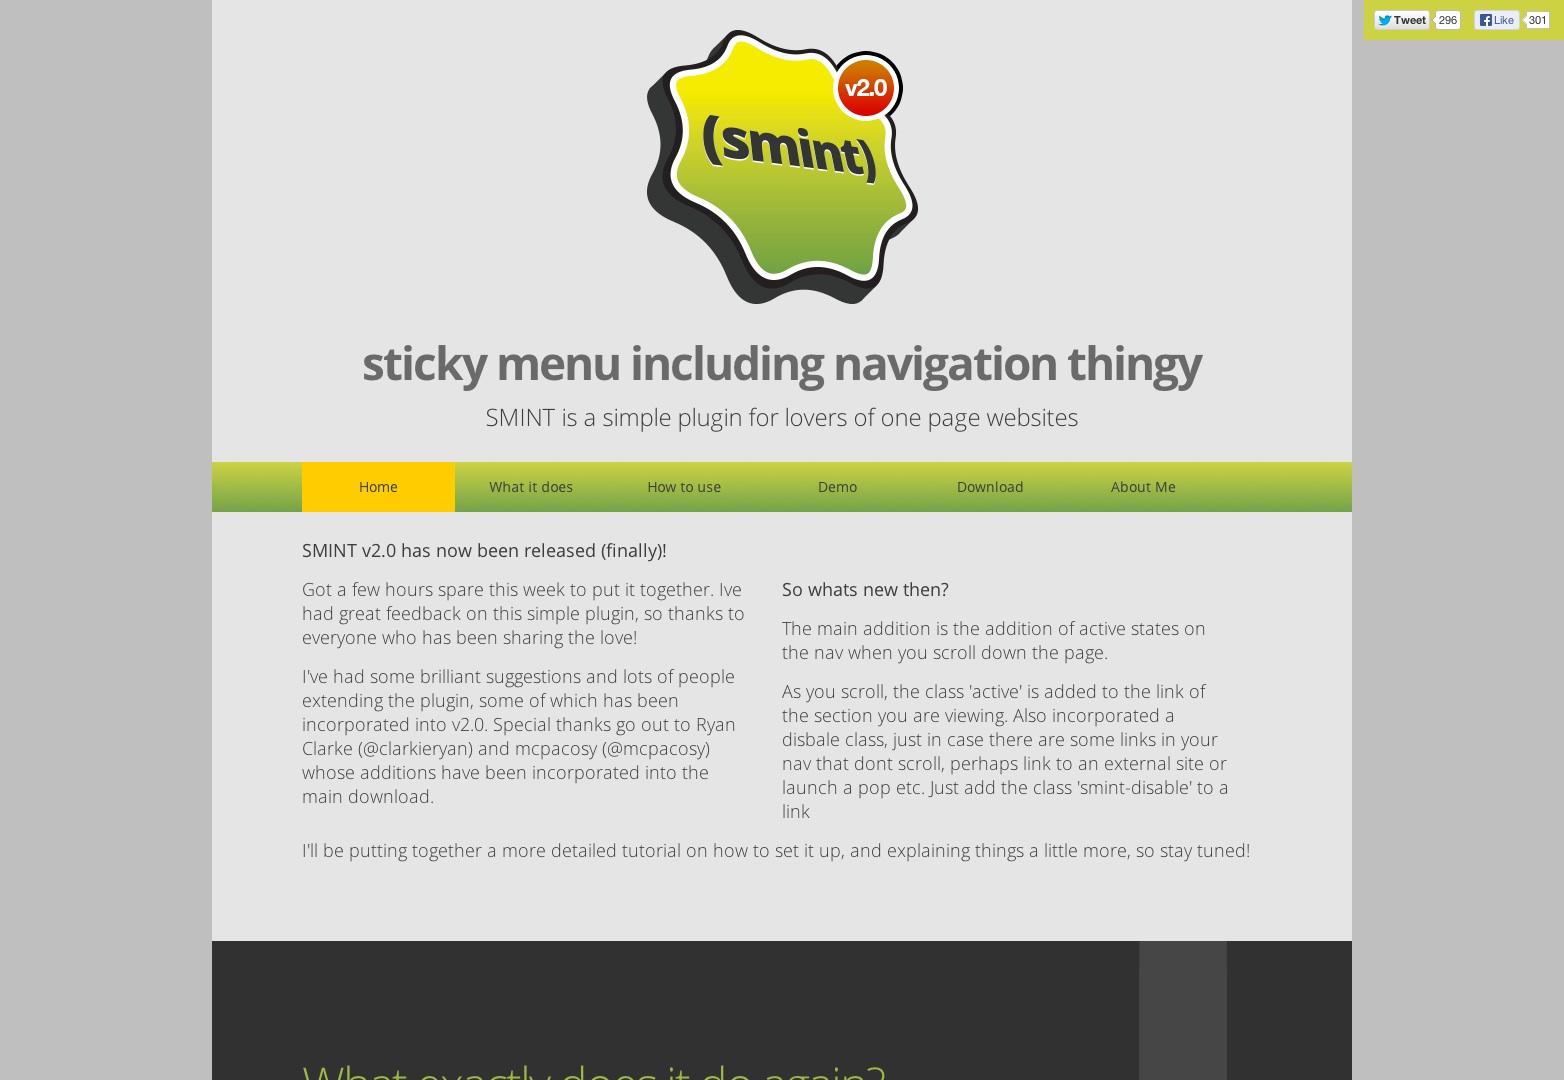 SMINT | El plugin jQuery simple para los amantes de los sitios web de una página.